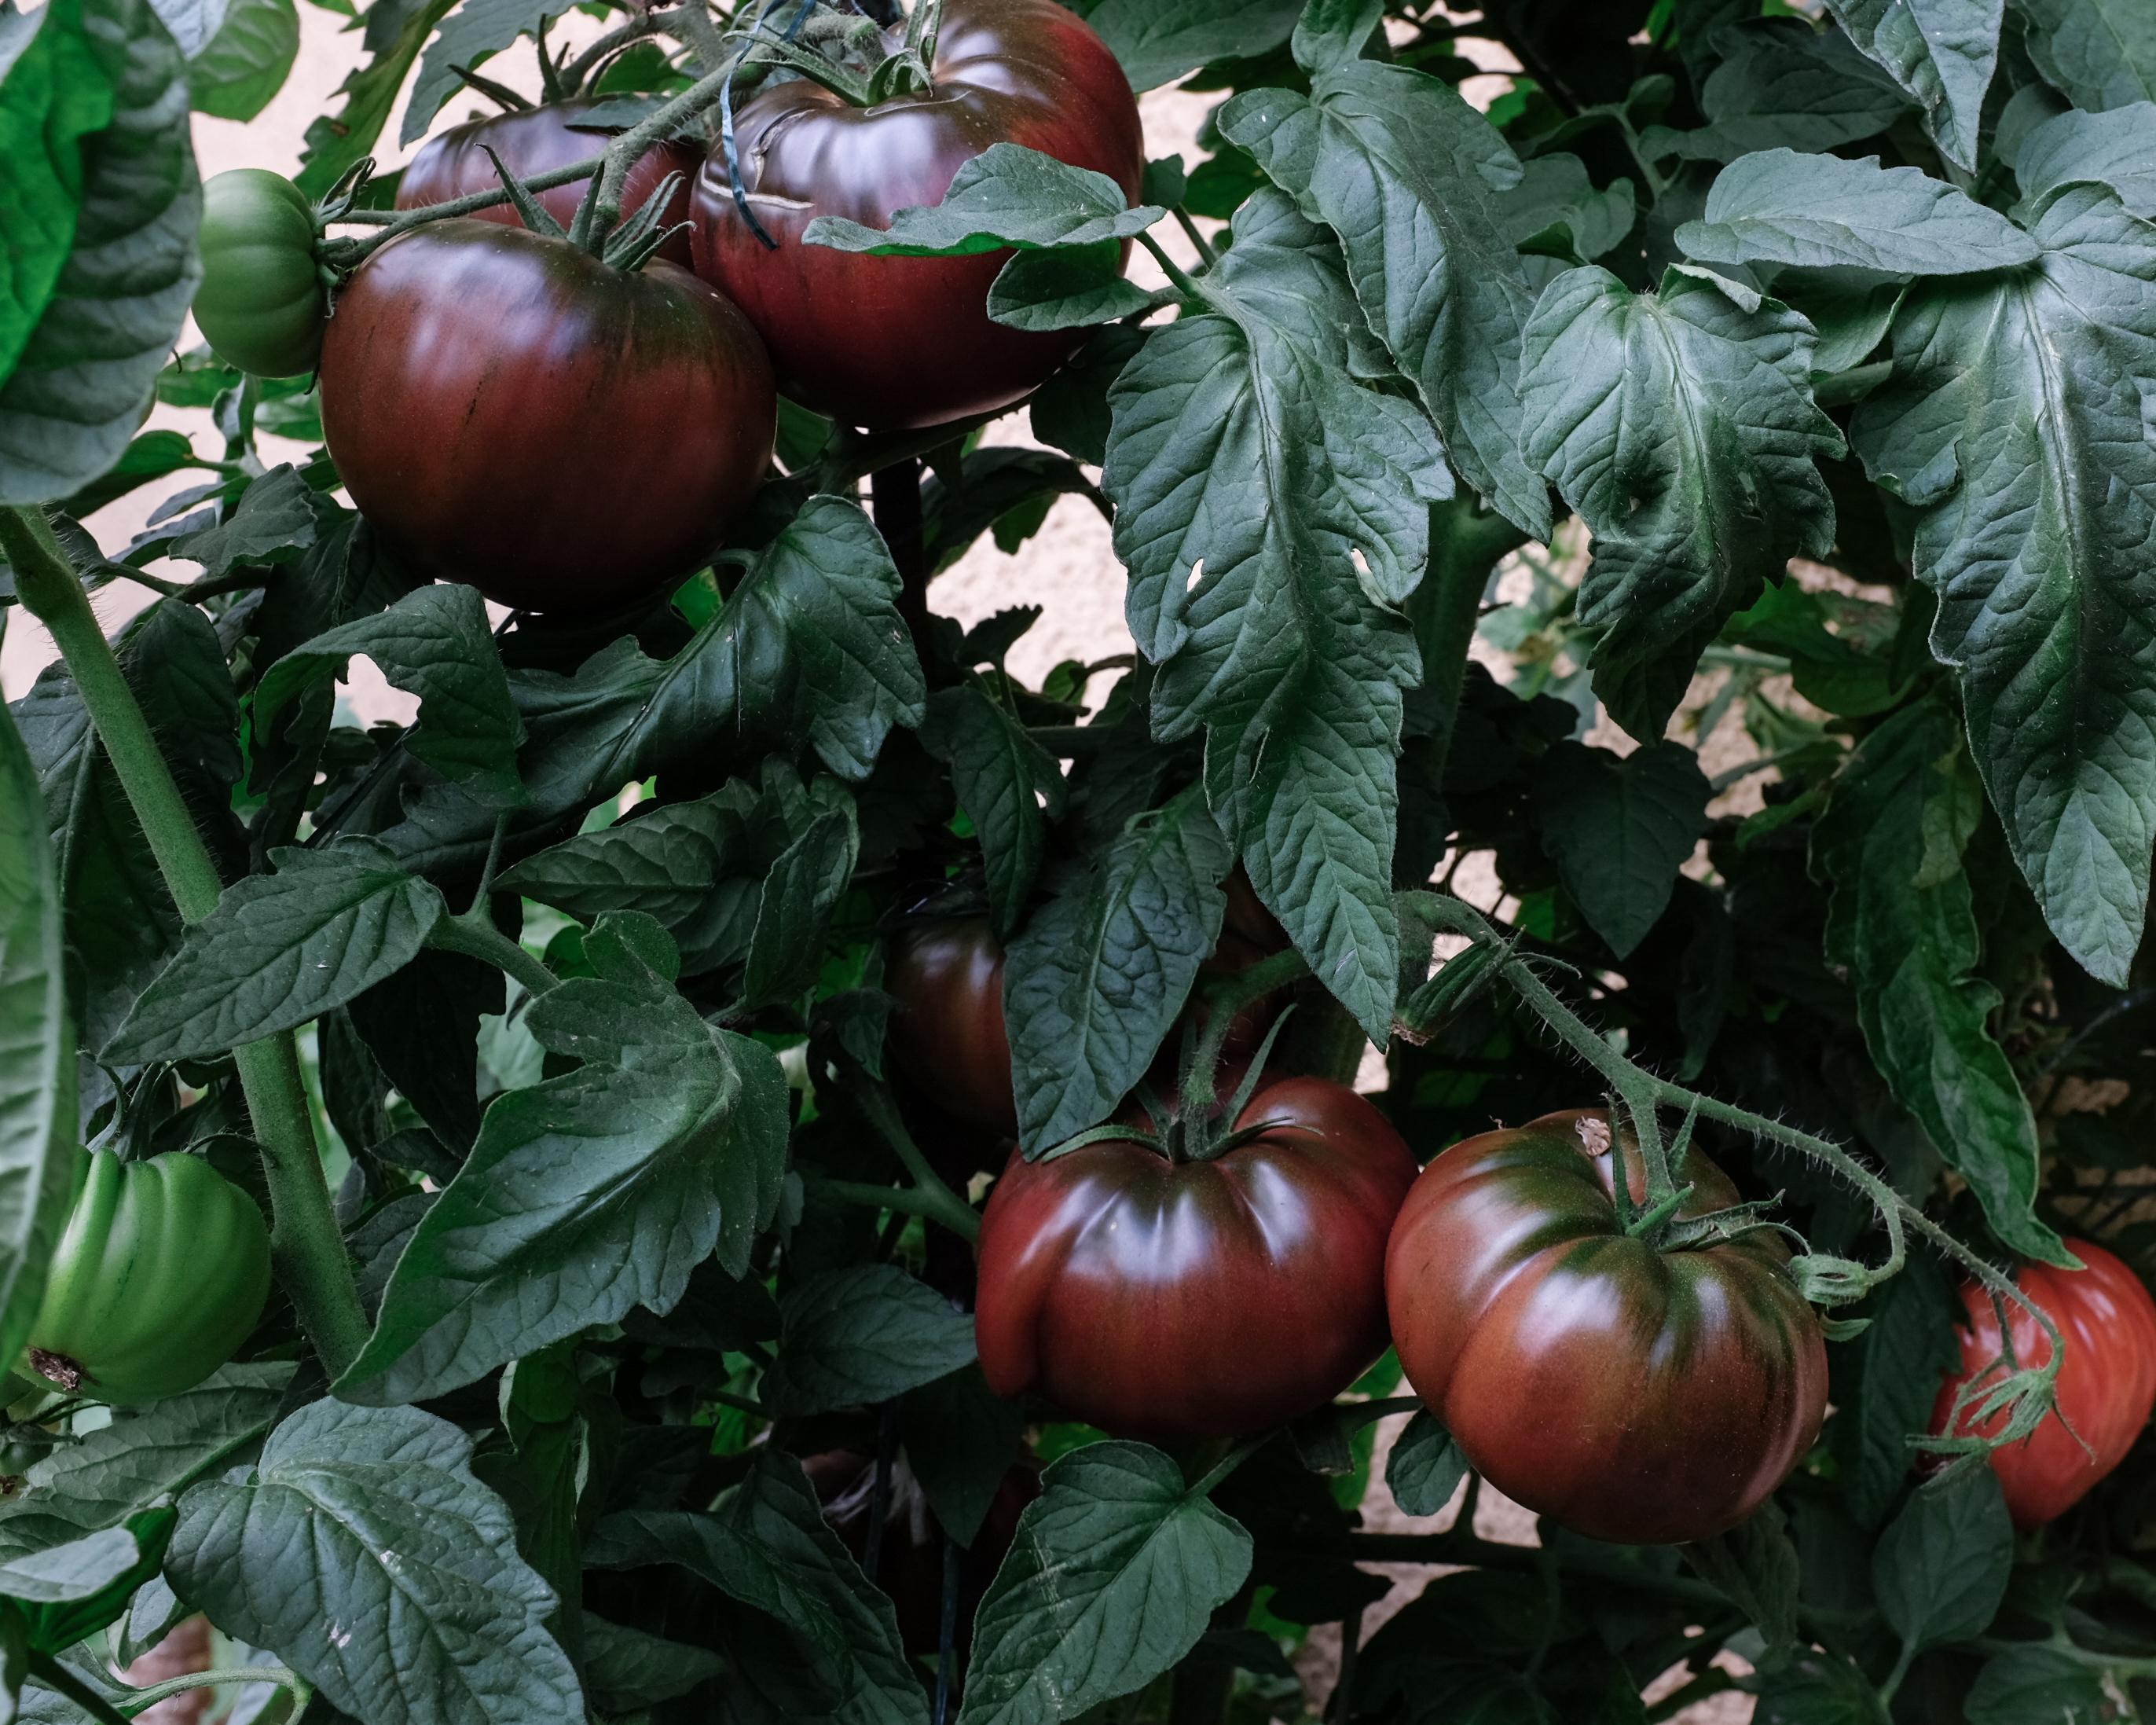 Sommerküche Tomaten : Sommerküche nektarinenkuchen tomaten und feigen aus dem garten